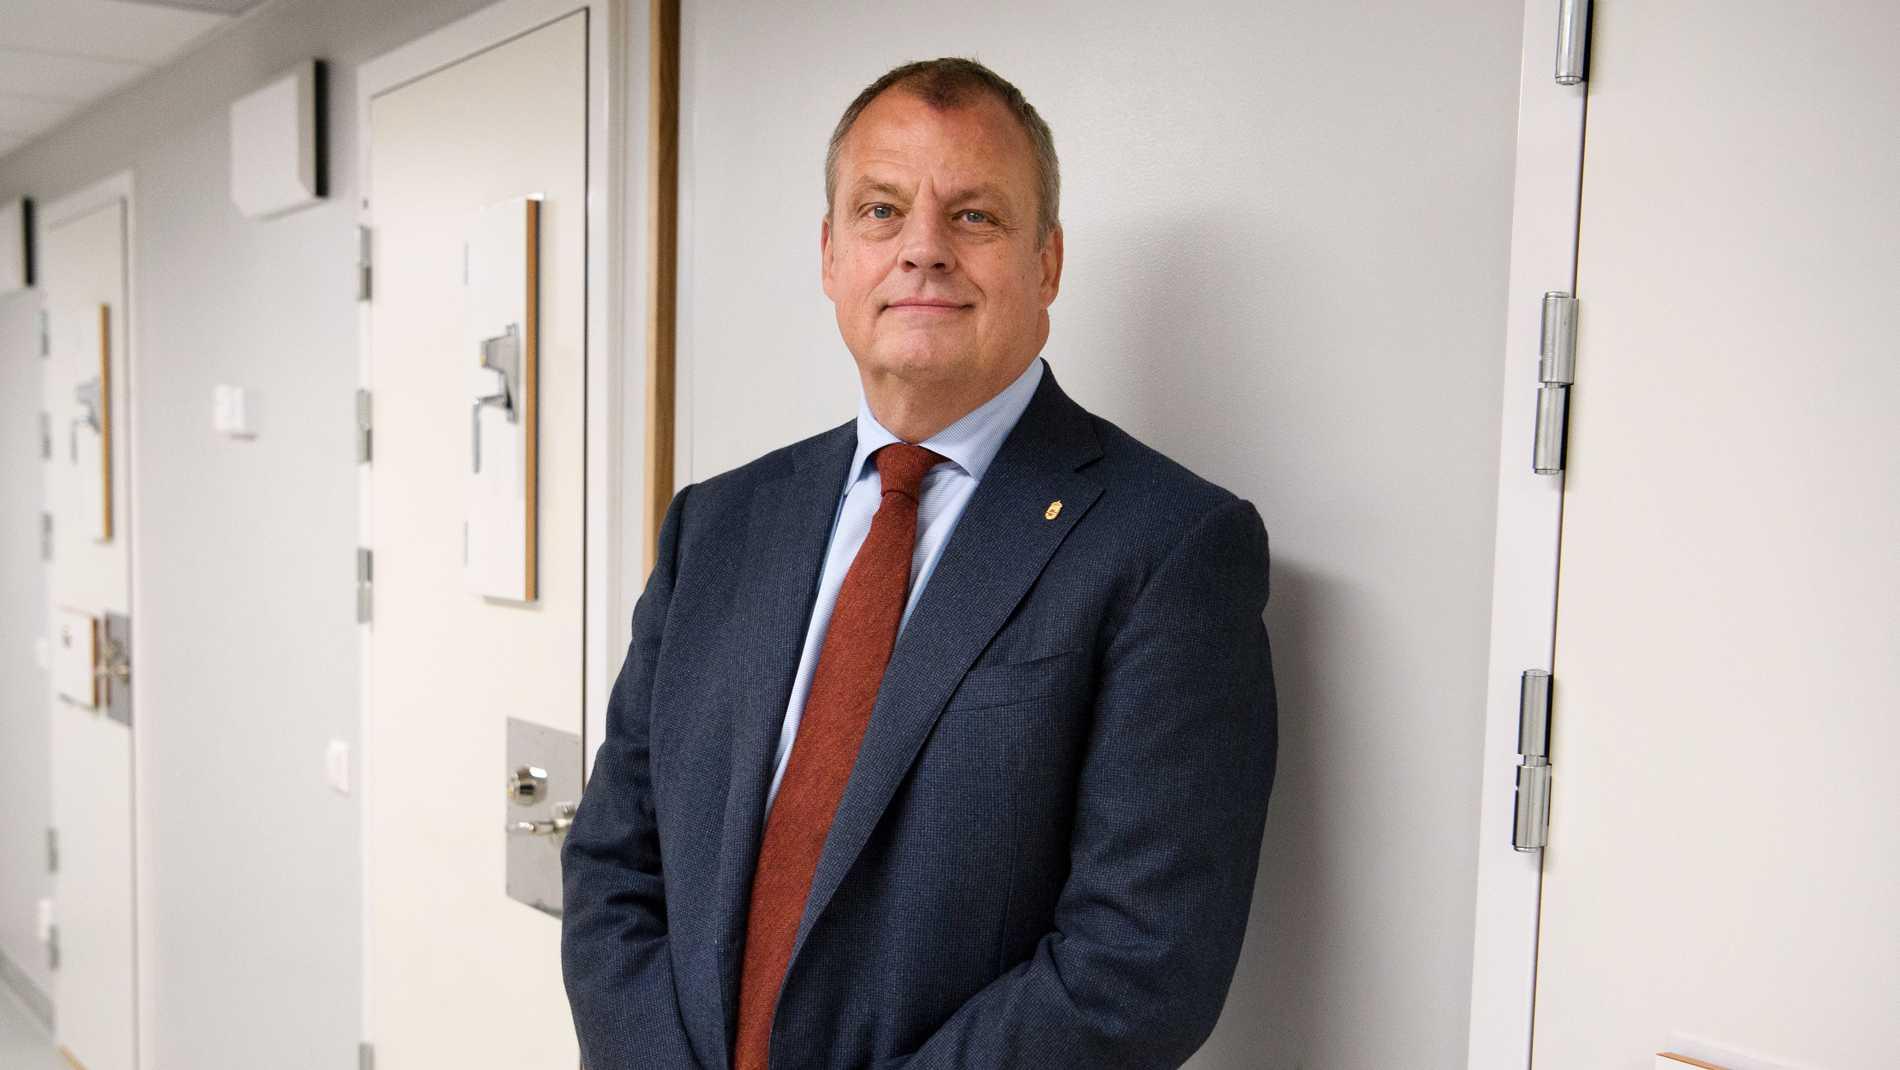 Kriminalvården planerar att bygga ytterligare ett nytt slutet fängelse. Generaldirektör Martin Holmgren har precis fattat beslut att sätta i gång processen. Arkivbild.